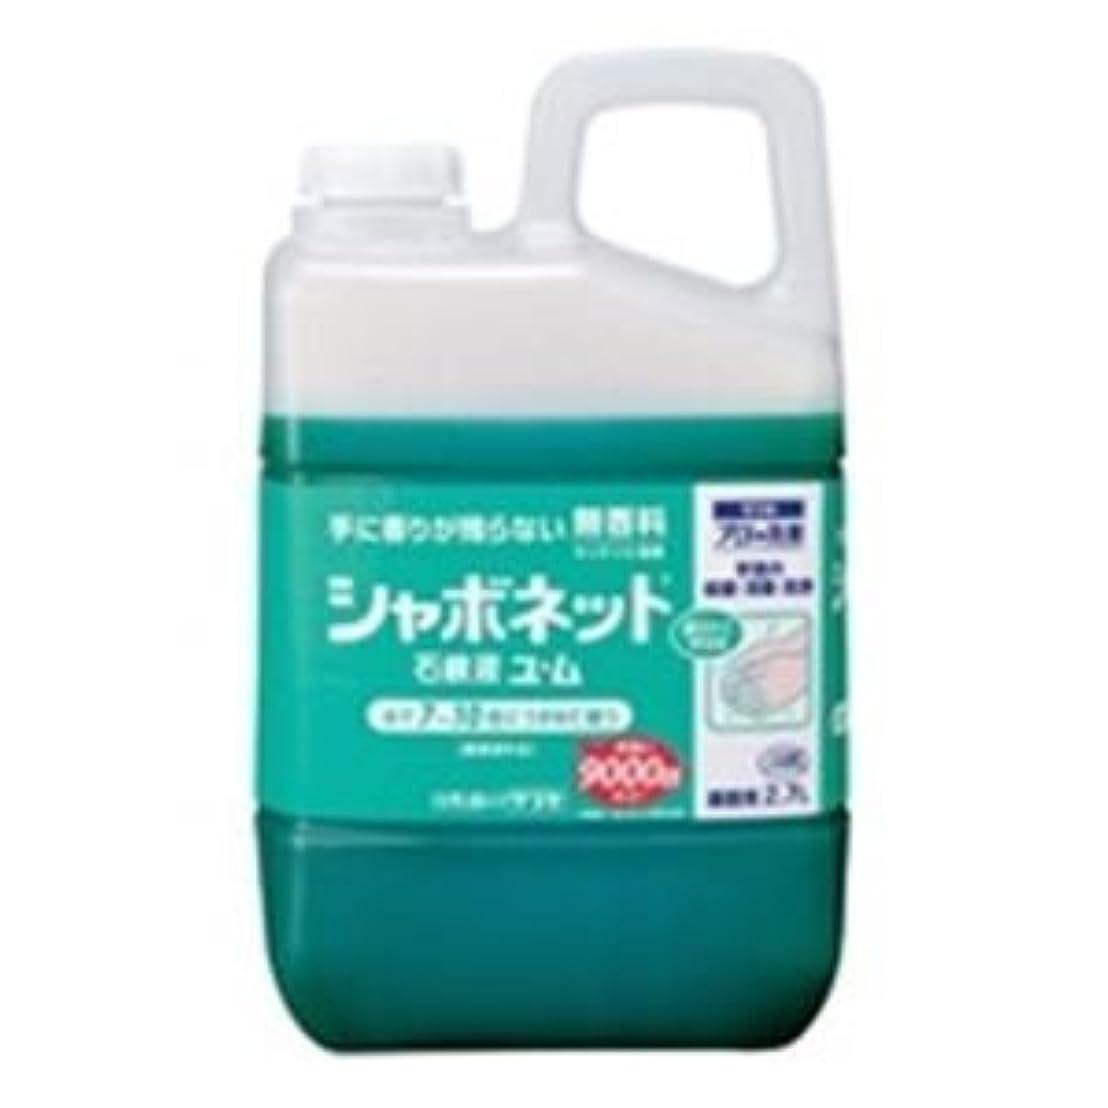 バンド飢え文言( お徳用 5セット ) 東京サラヤ シャボネット 石鹸液ユ?ム 2.7L